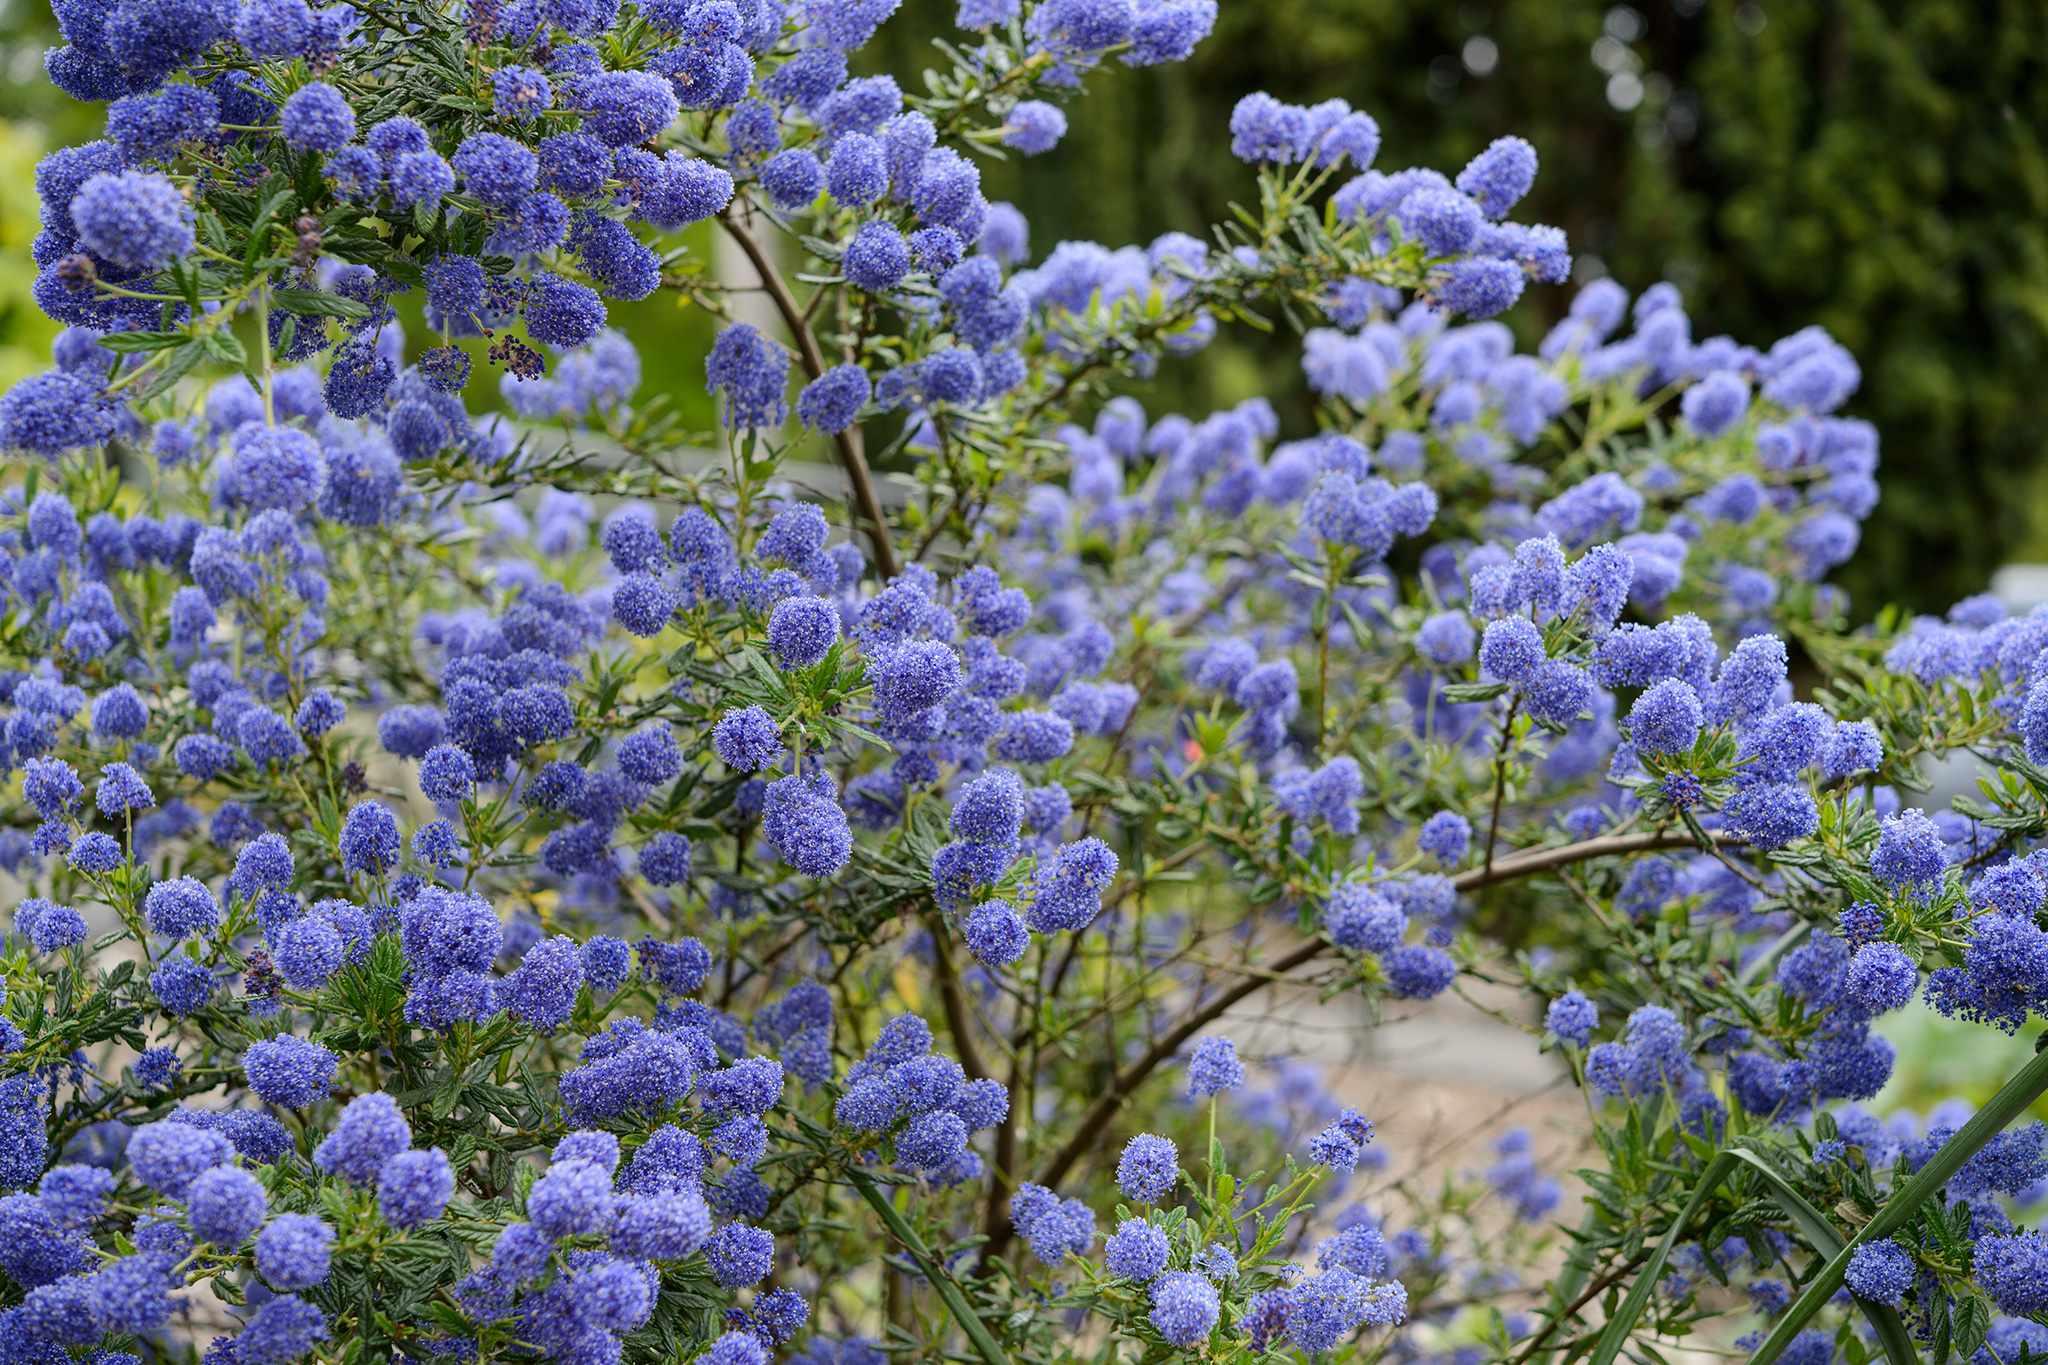 California lilac Ceanothus 'Concha'